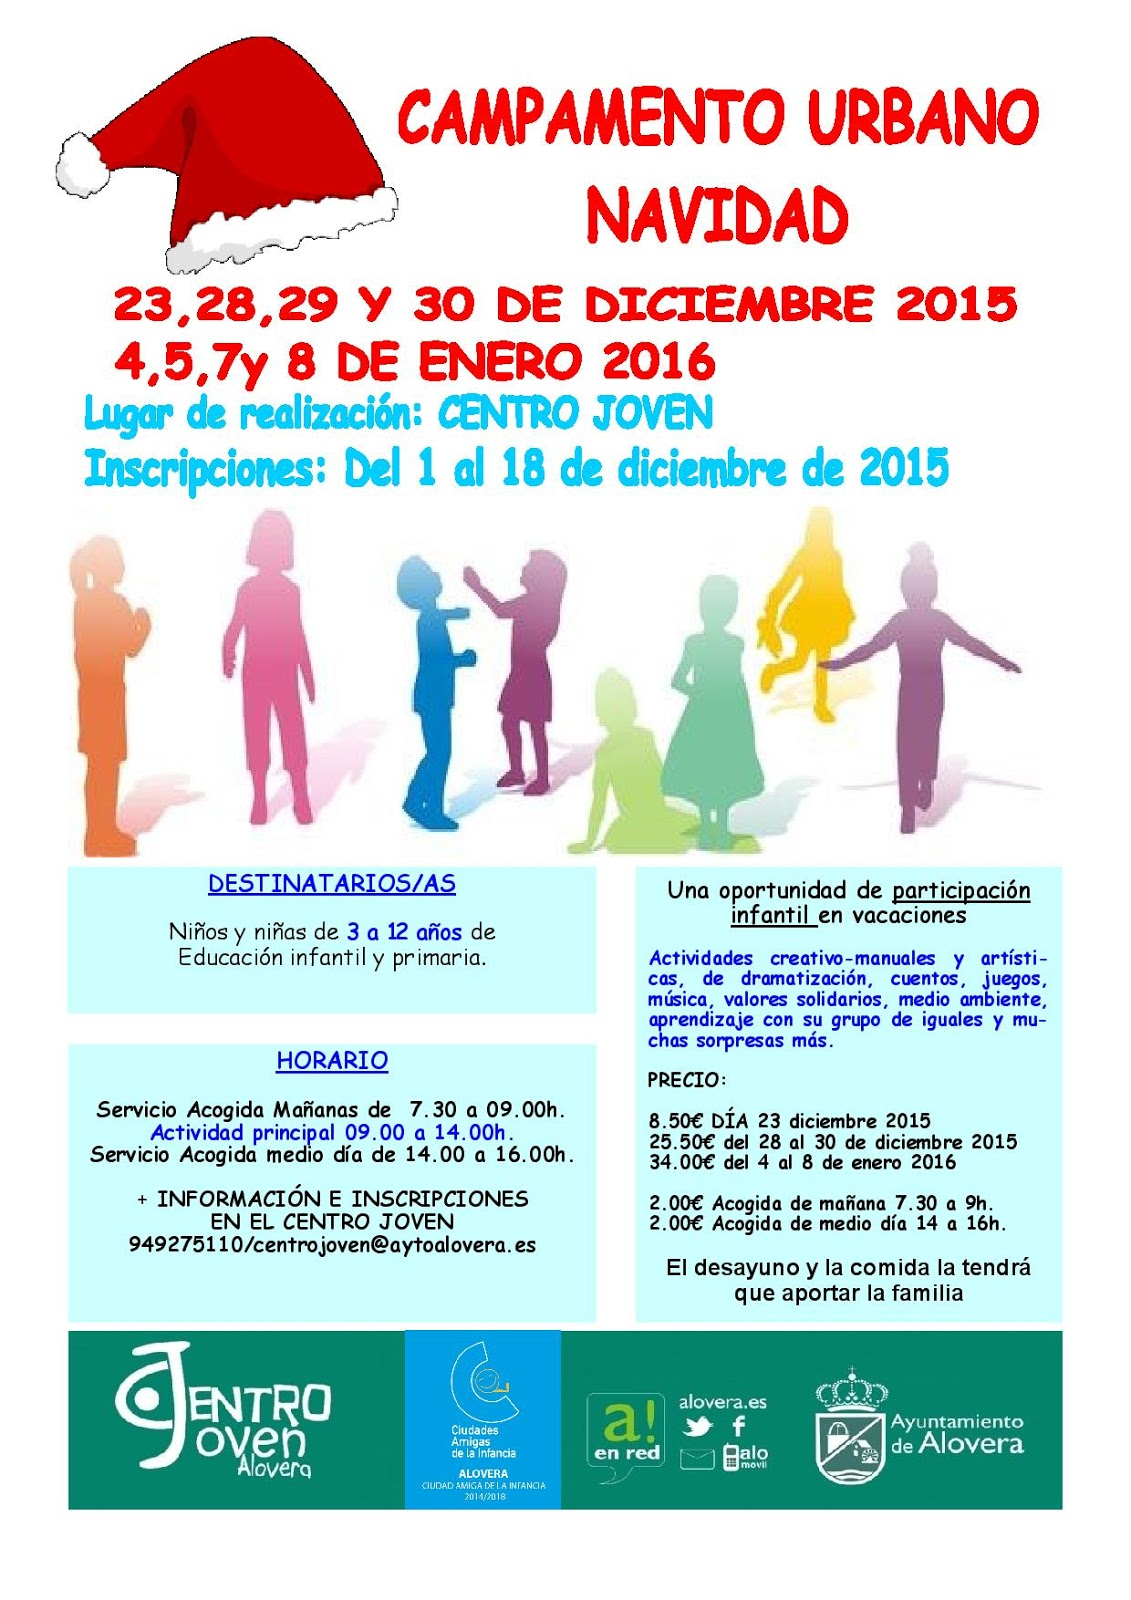 Centro Joven De Alovera Diciembre 2015